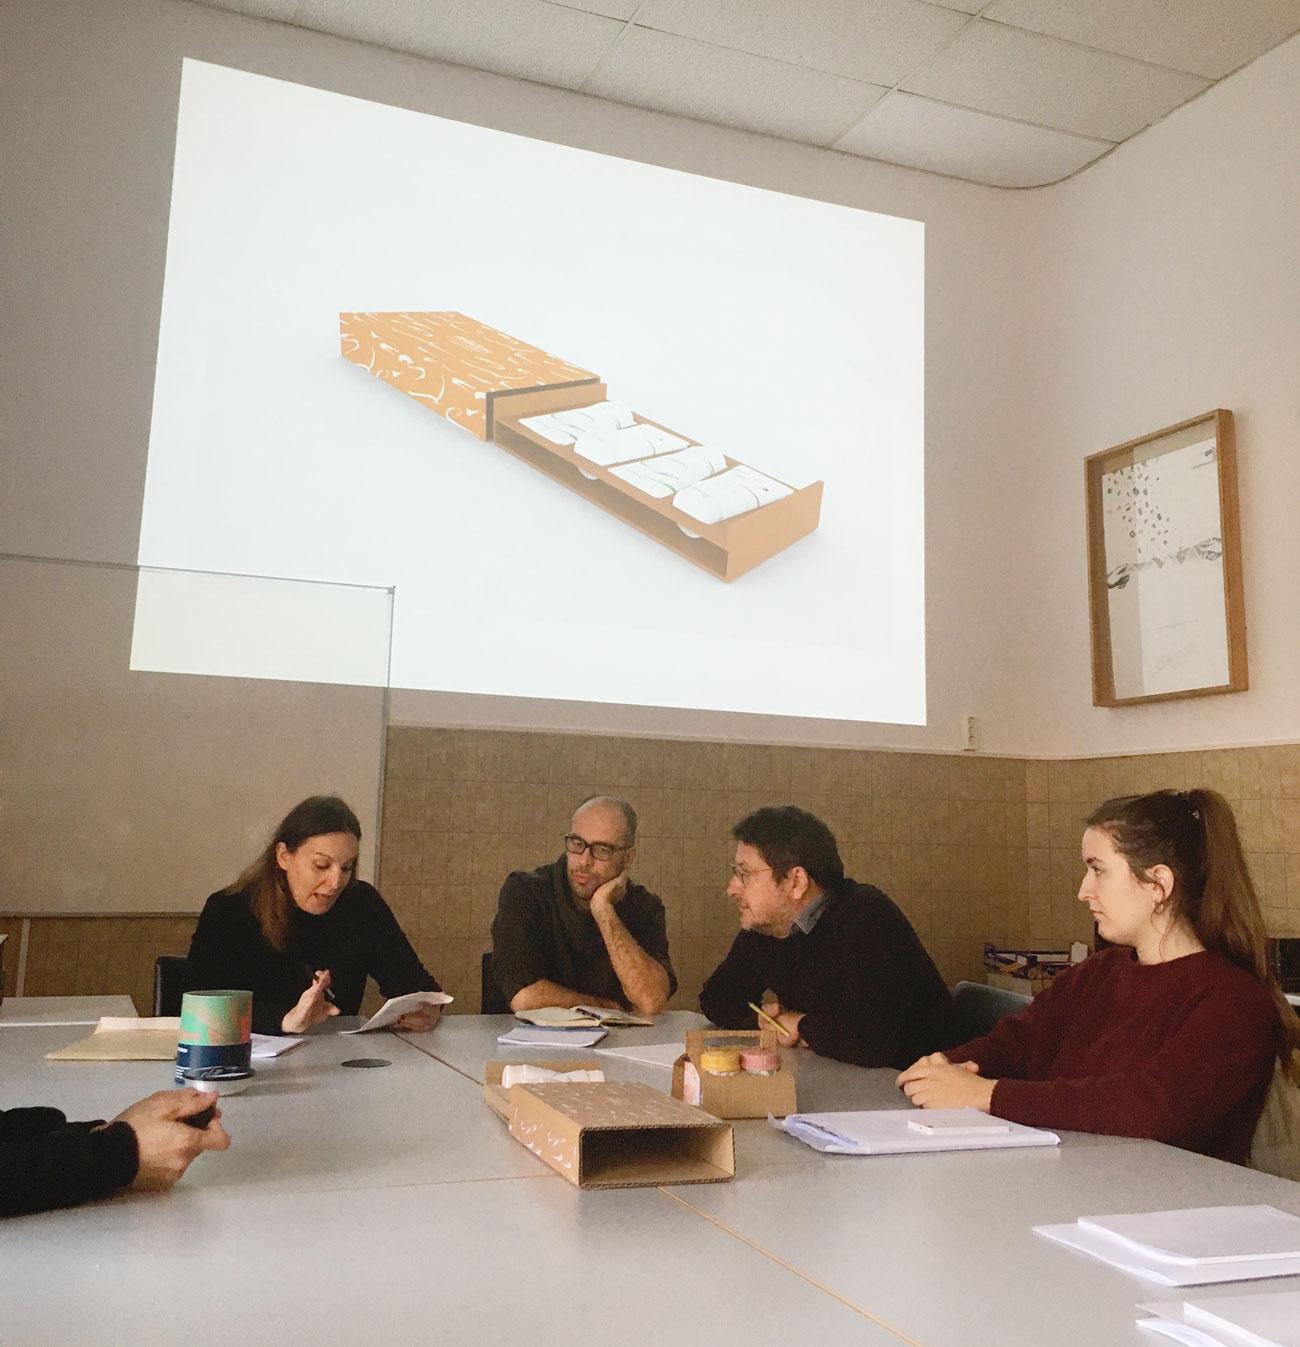 Albert Martínez López-Amor, Víctor Palau y Ana Gea en el Máster de Packaging